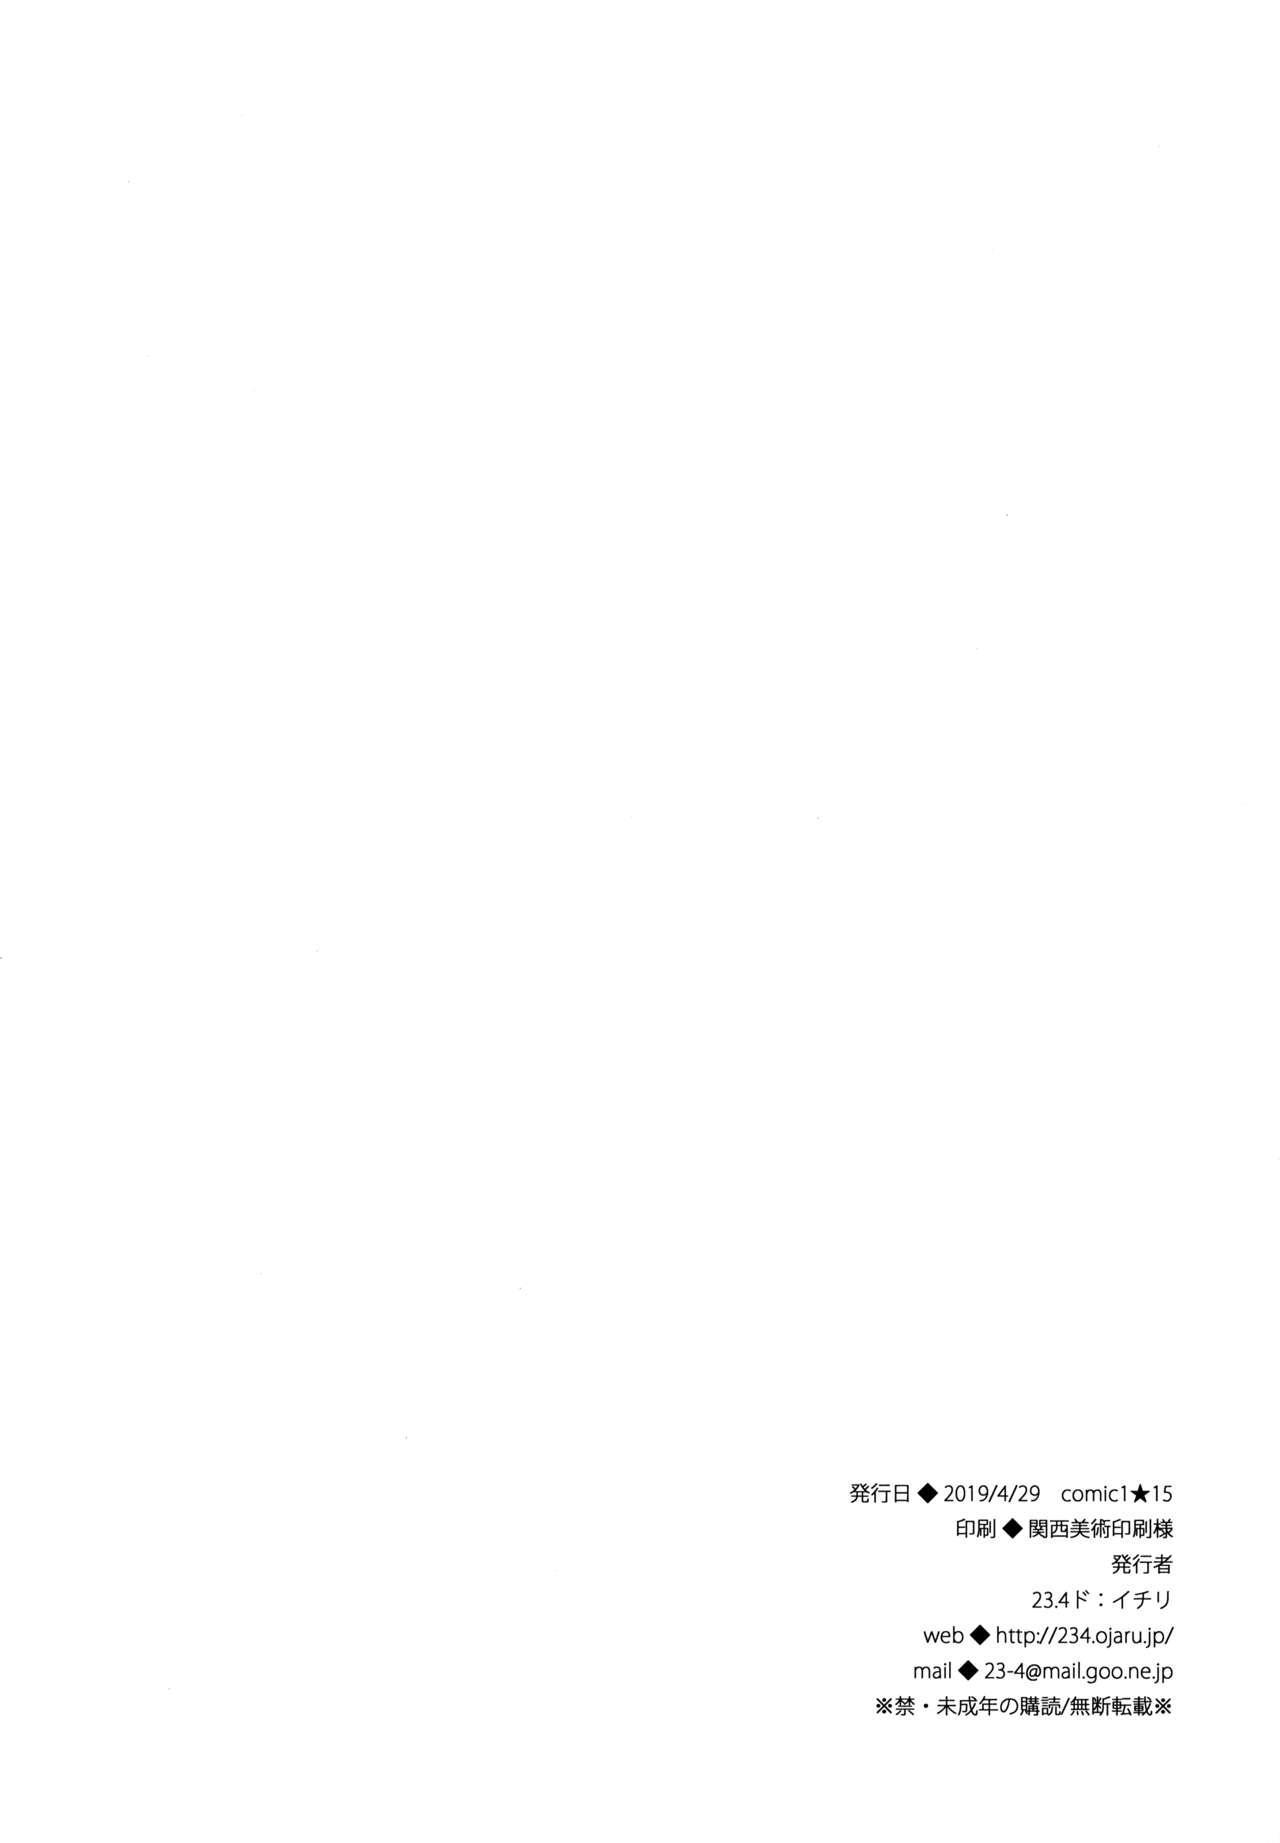 Boku no Risou no Isekai Seikatsu 5 Omakebon 7